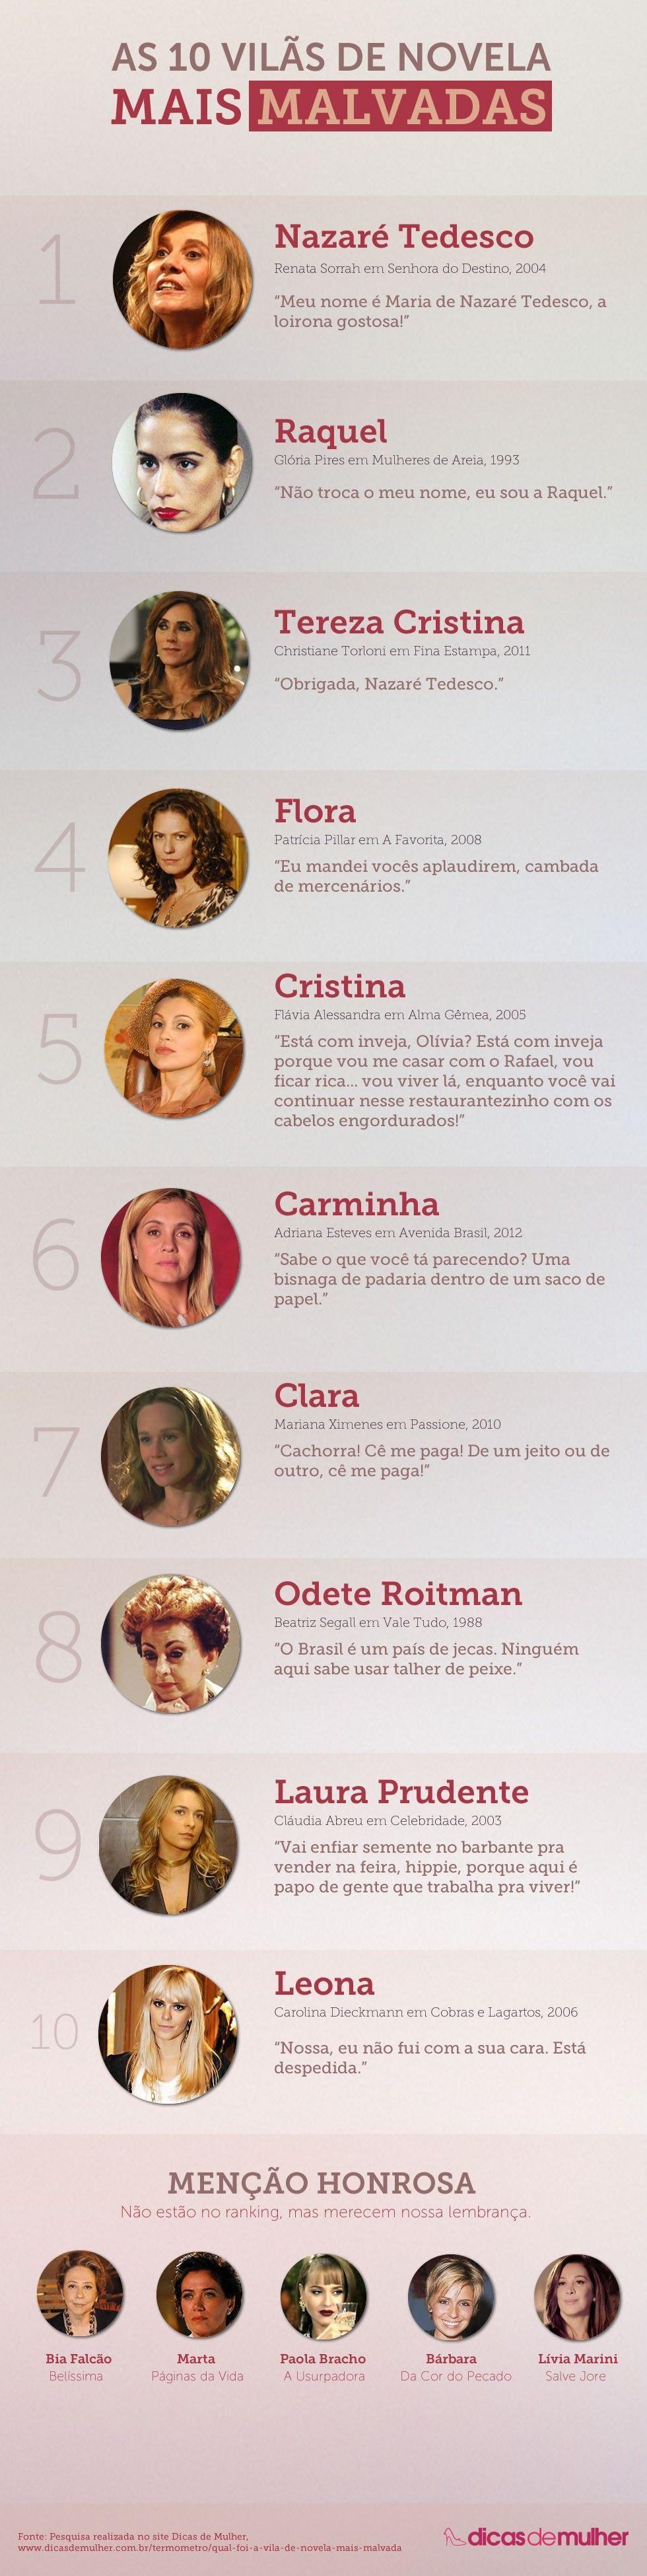 As 10 vilãs de novela mais malvadas de todos os tempos